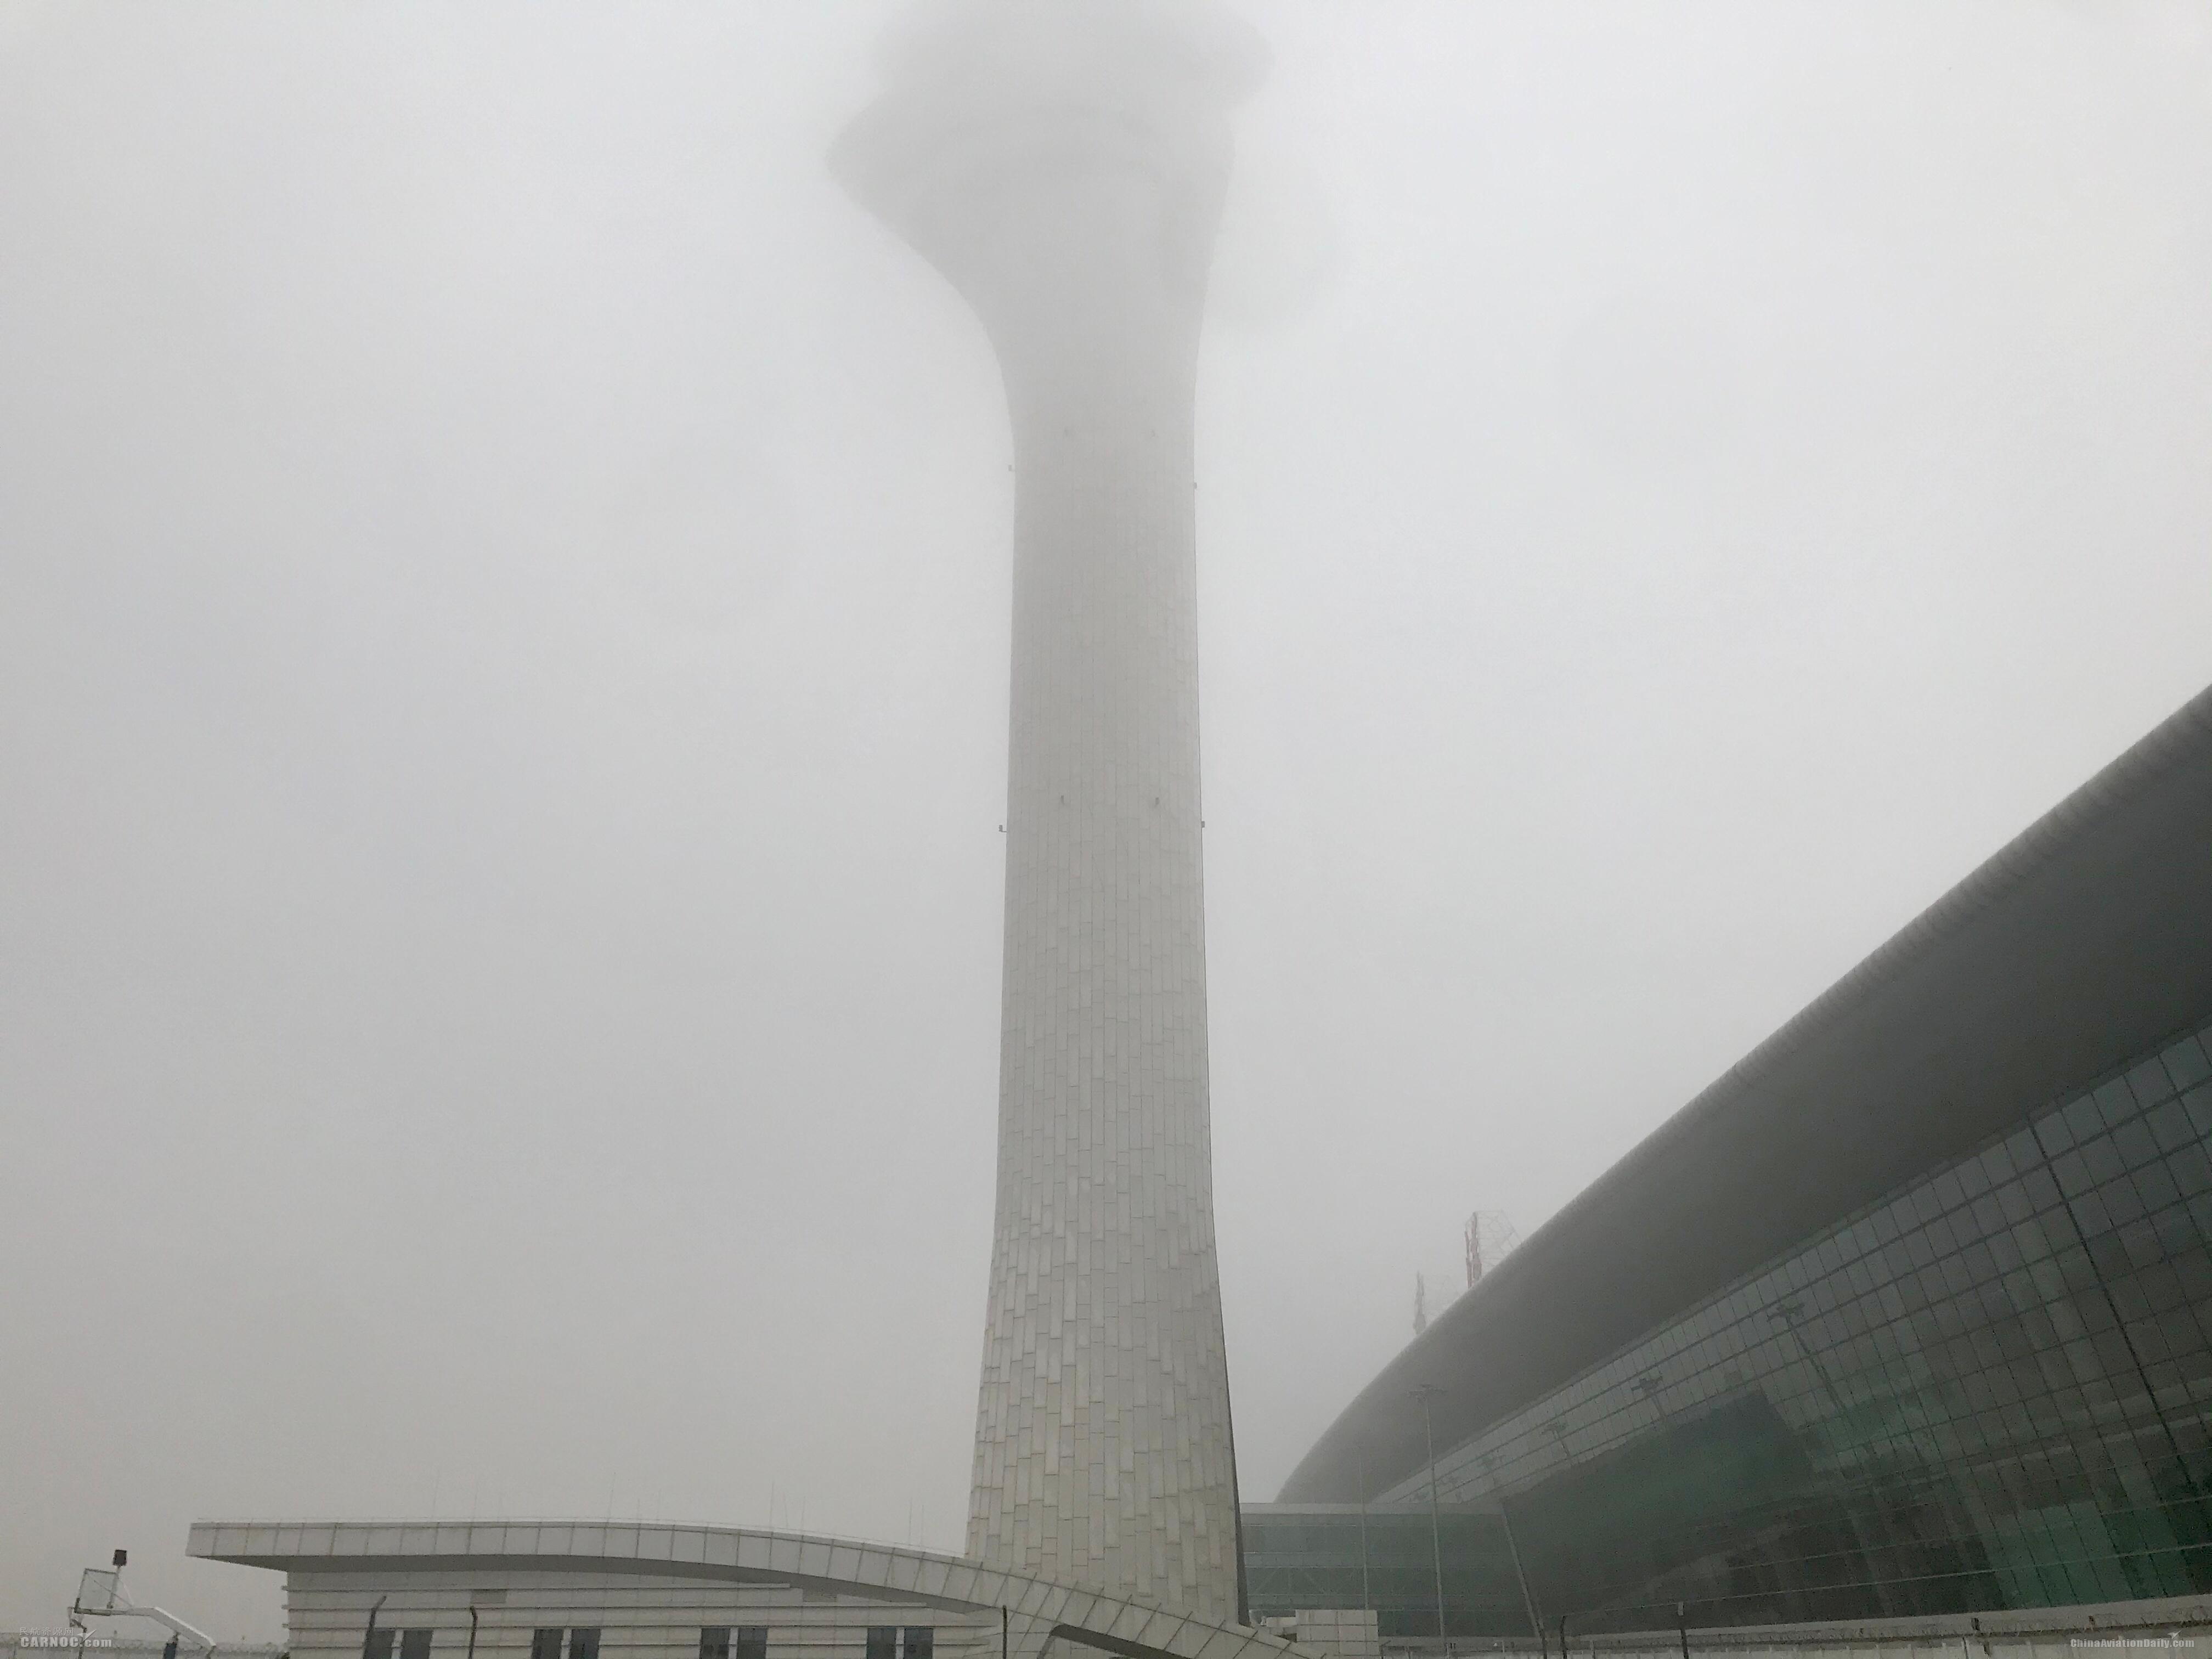 雾锁天河,湖北空管迎2020年秋冬第一考